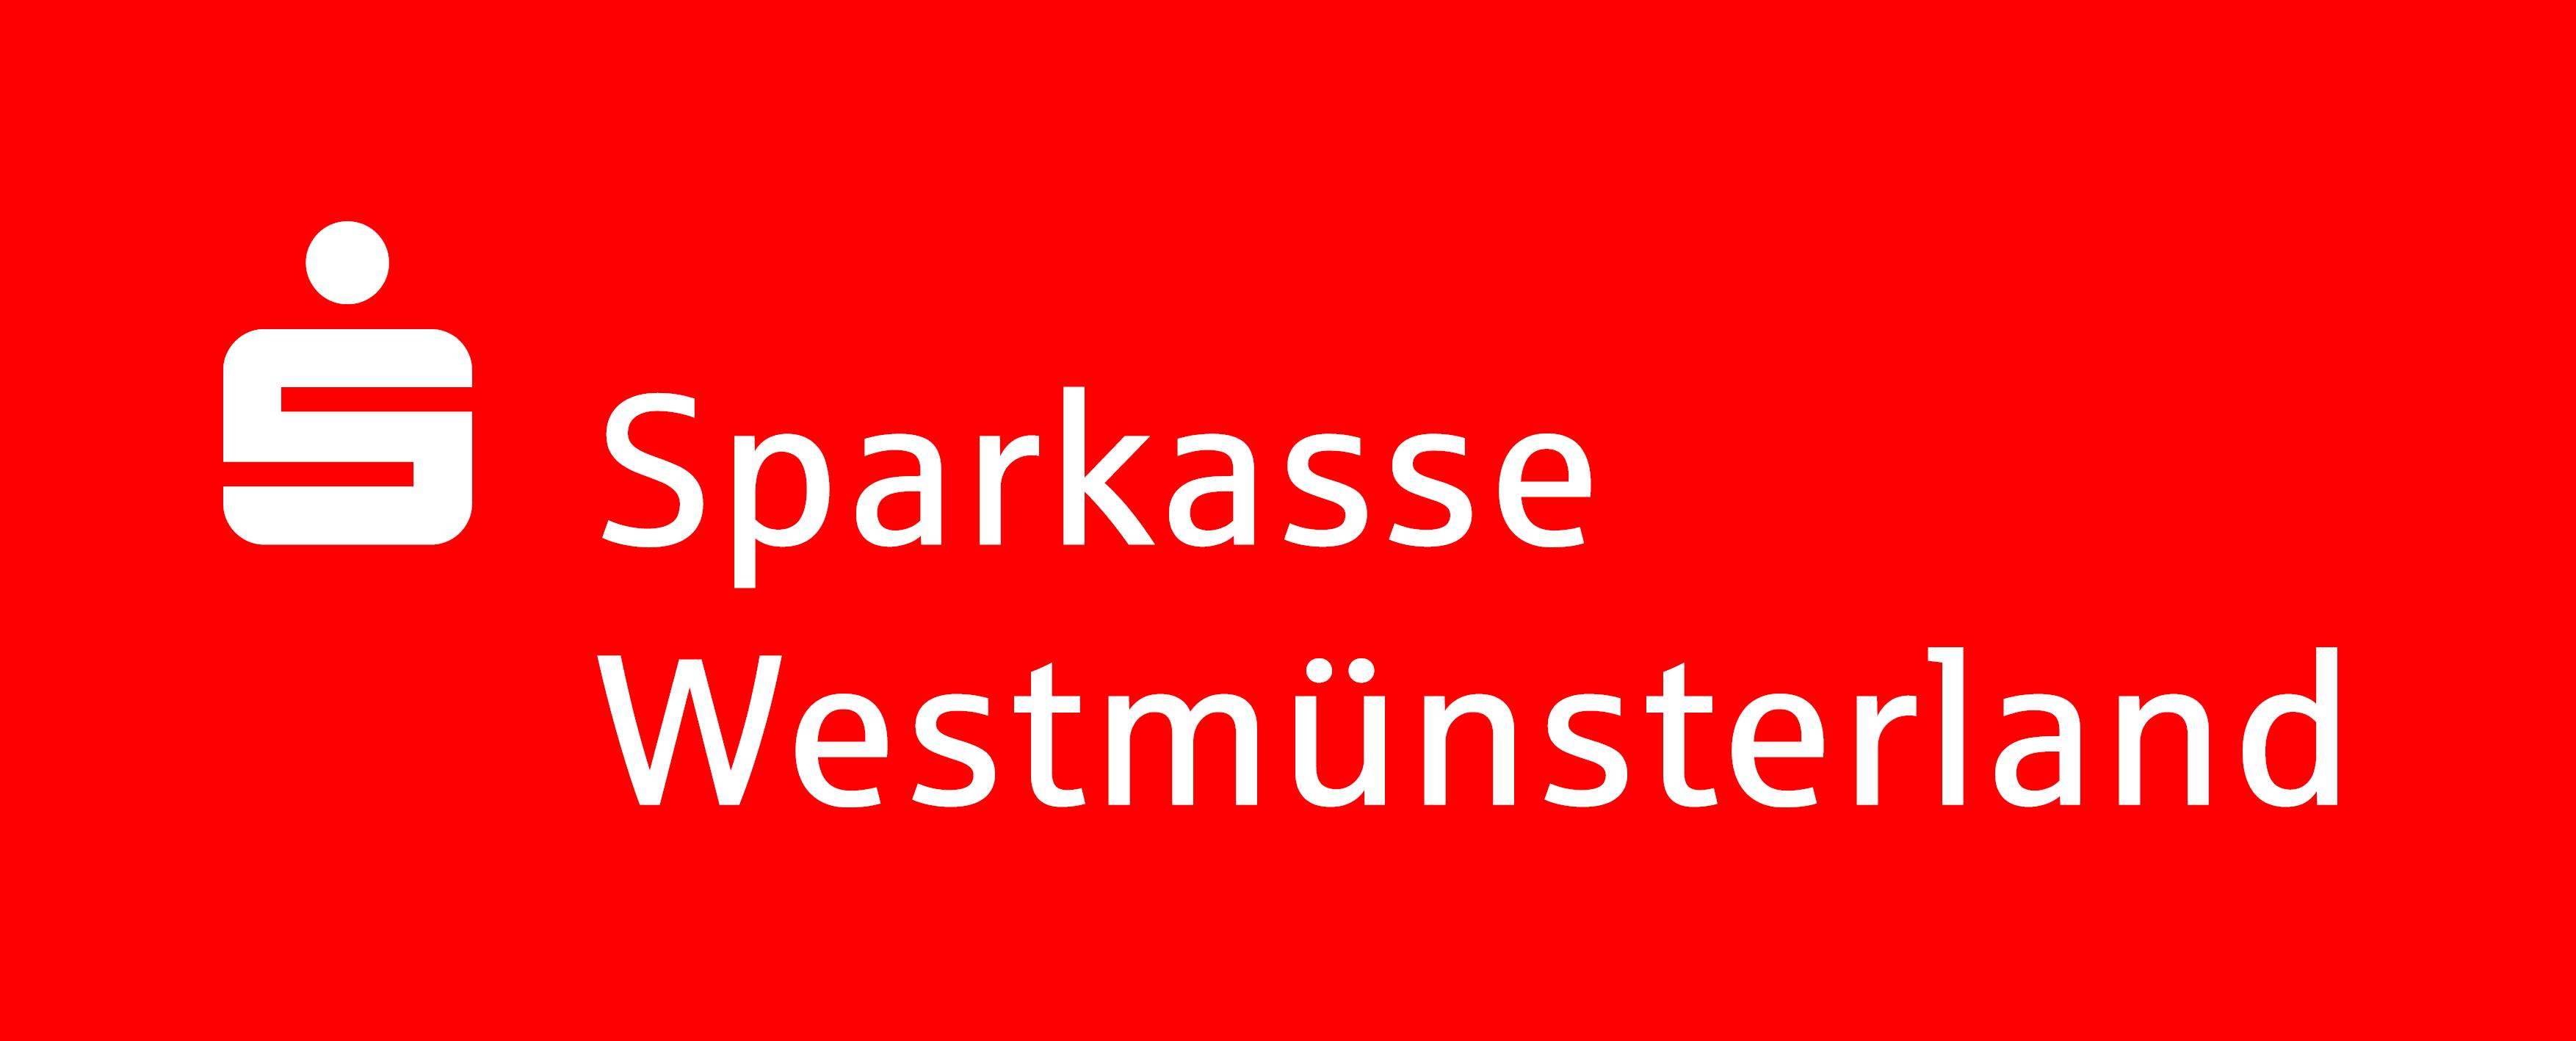 sparkasseWestmuensterland-6042